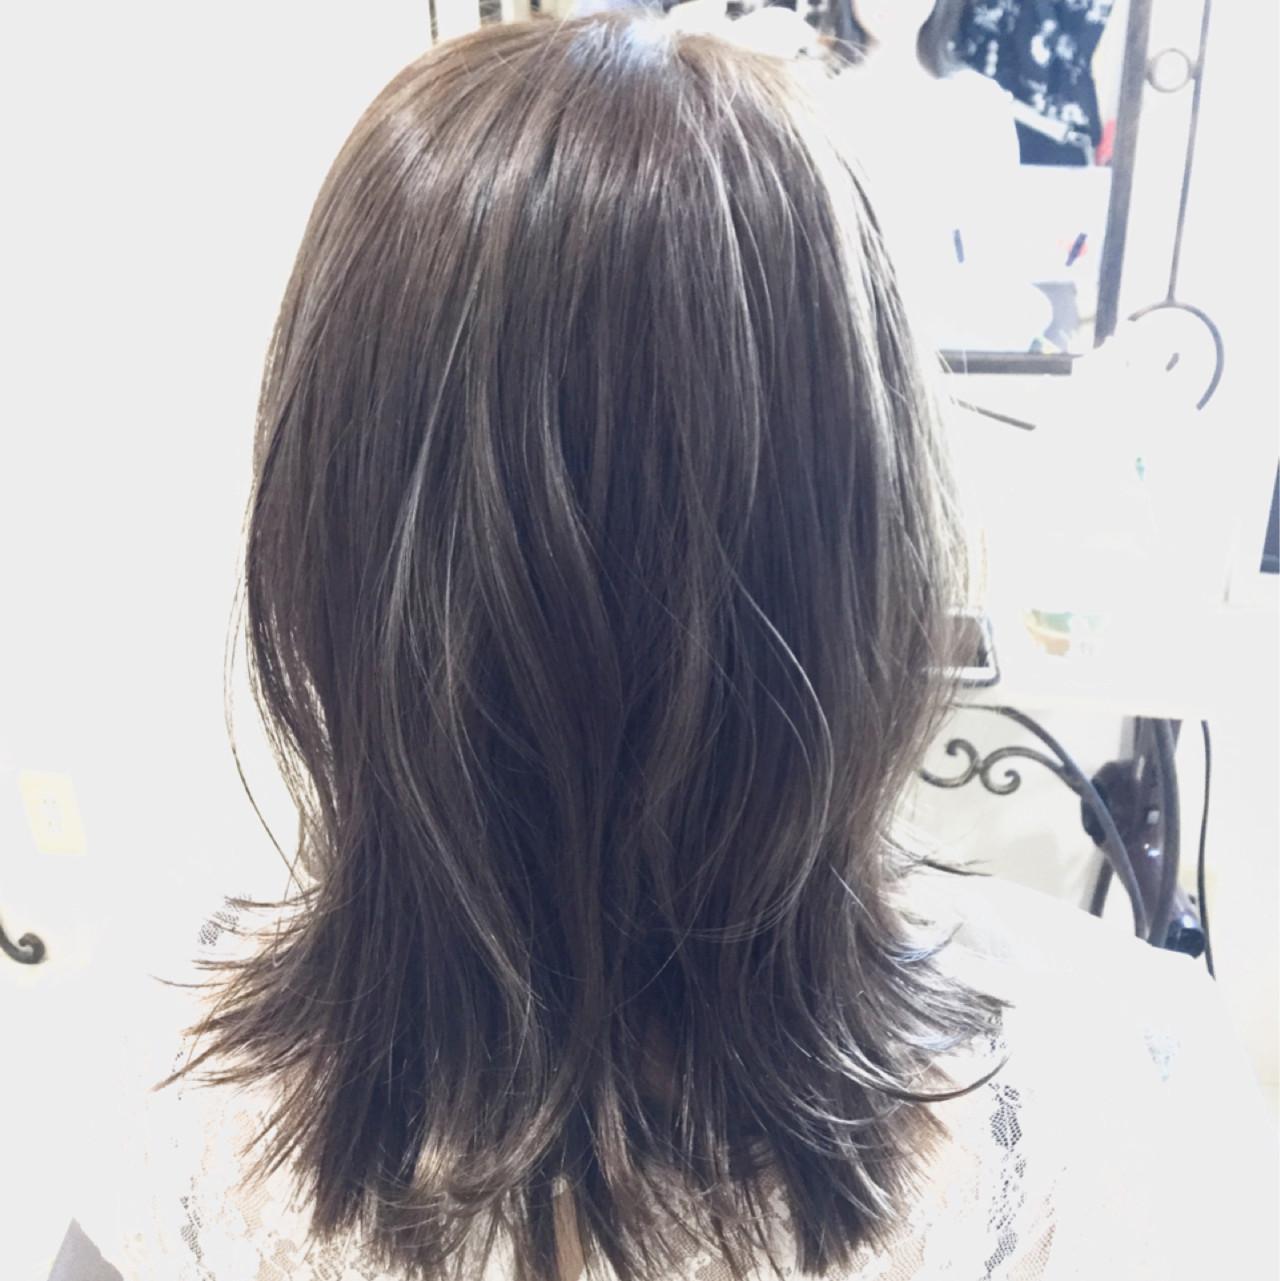 アッシュ ナチュラル ハイライト グレージュ ヘアスタイルや髪型の写真・画像